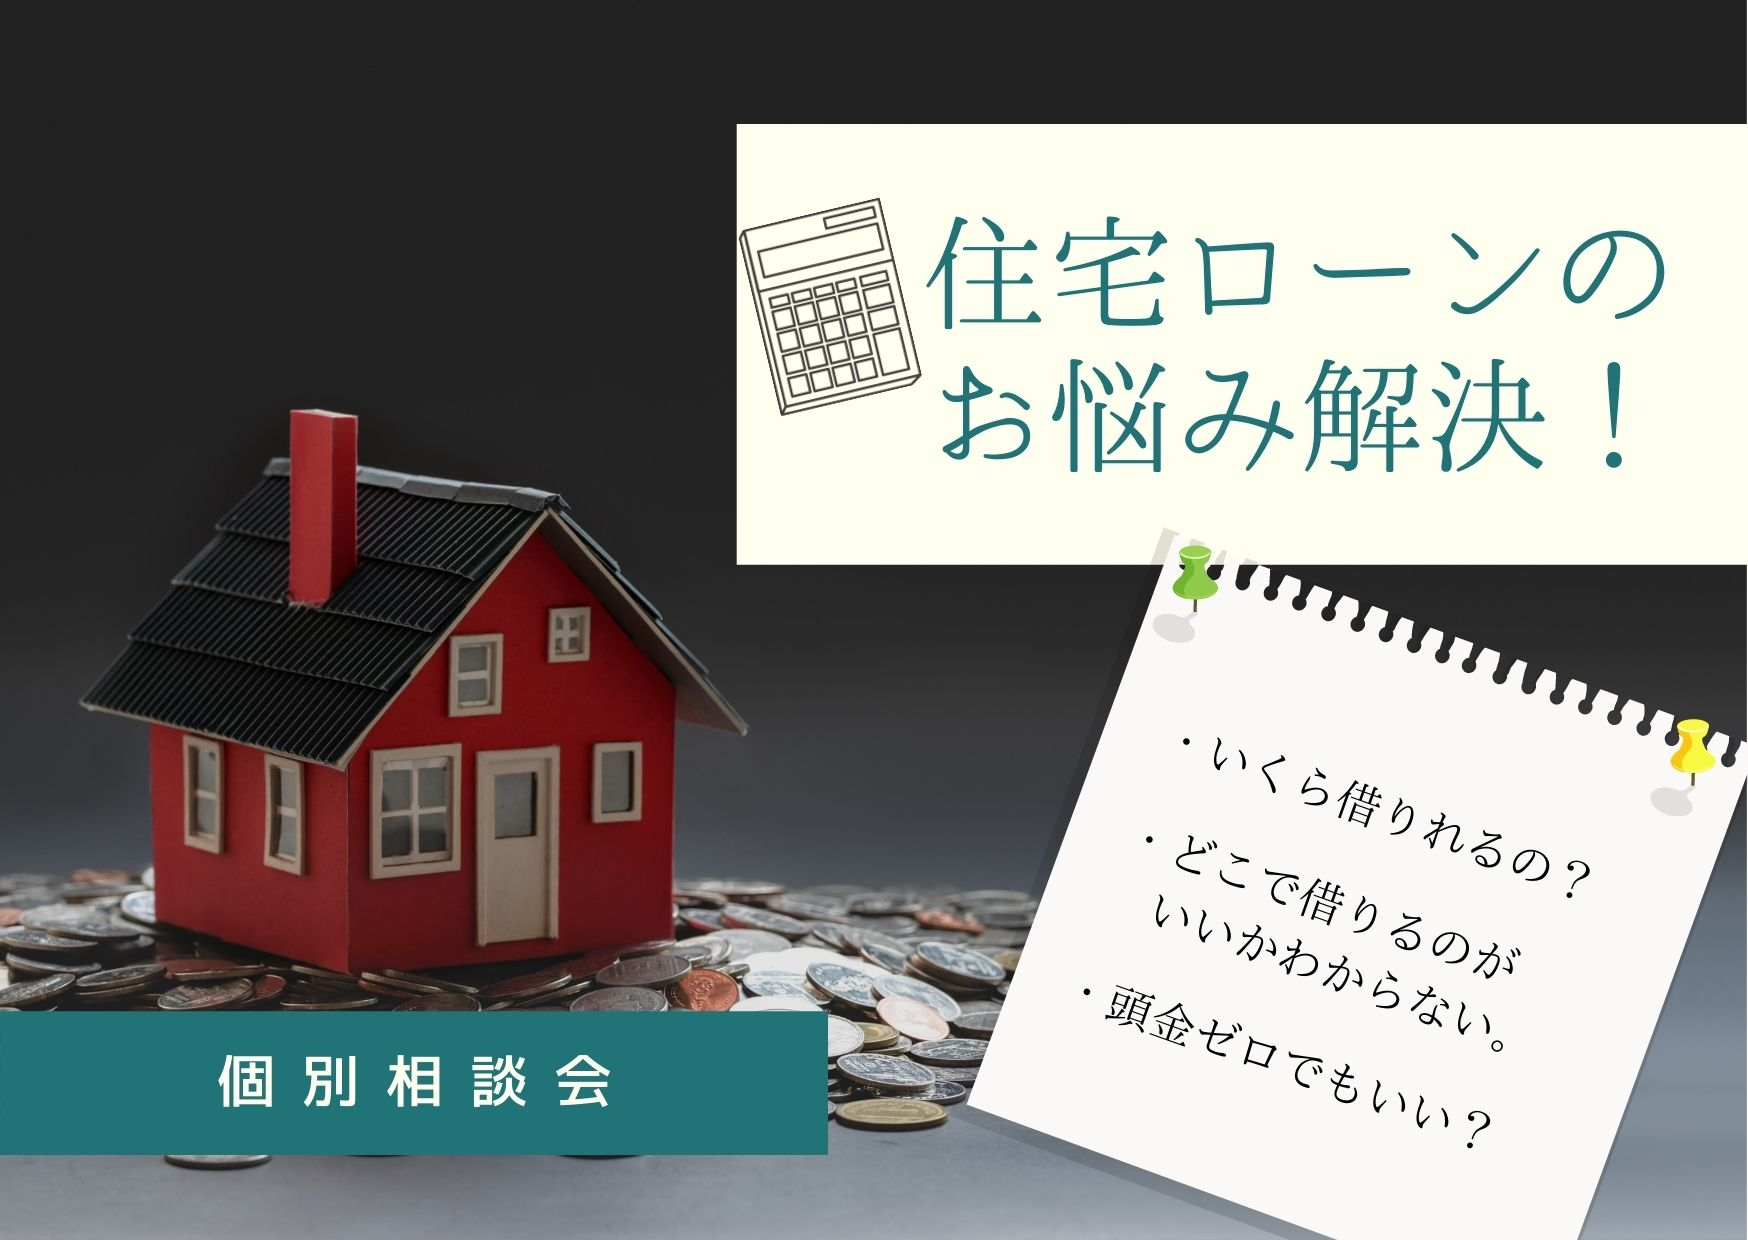 【個別相談会・オンラインでも実施中】住宅ローンのお悩み解決